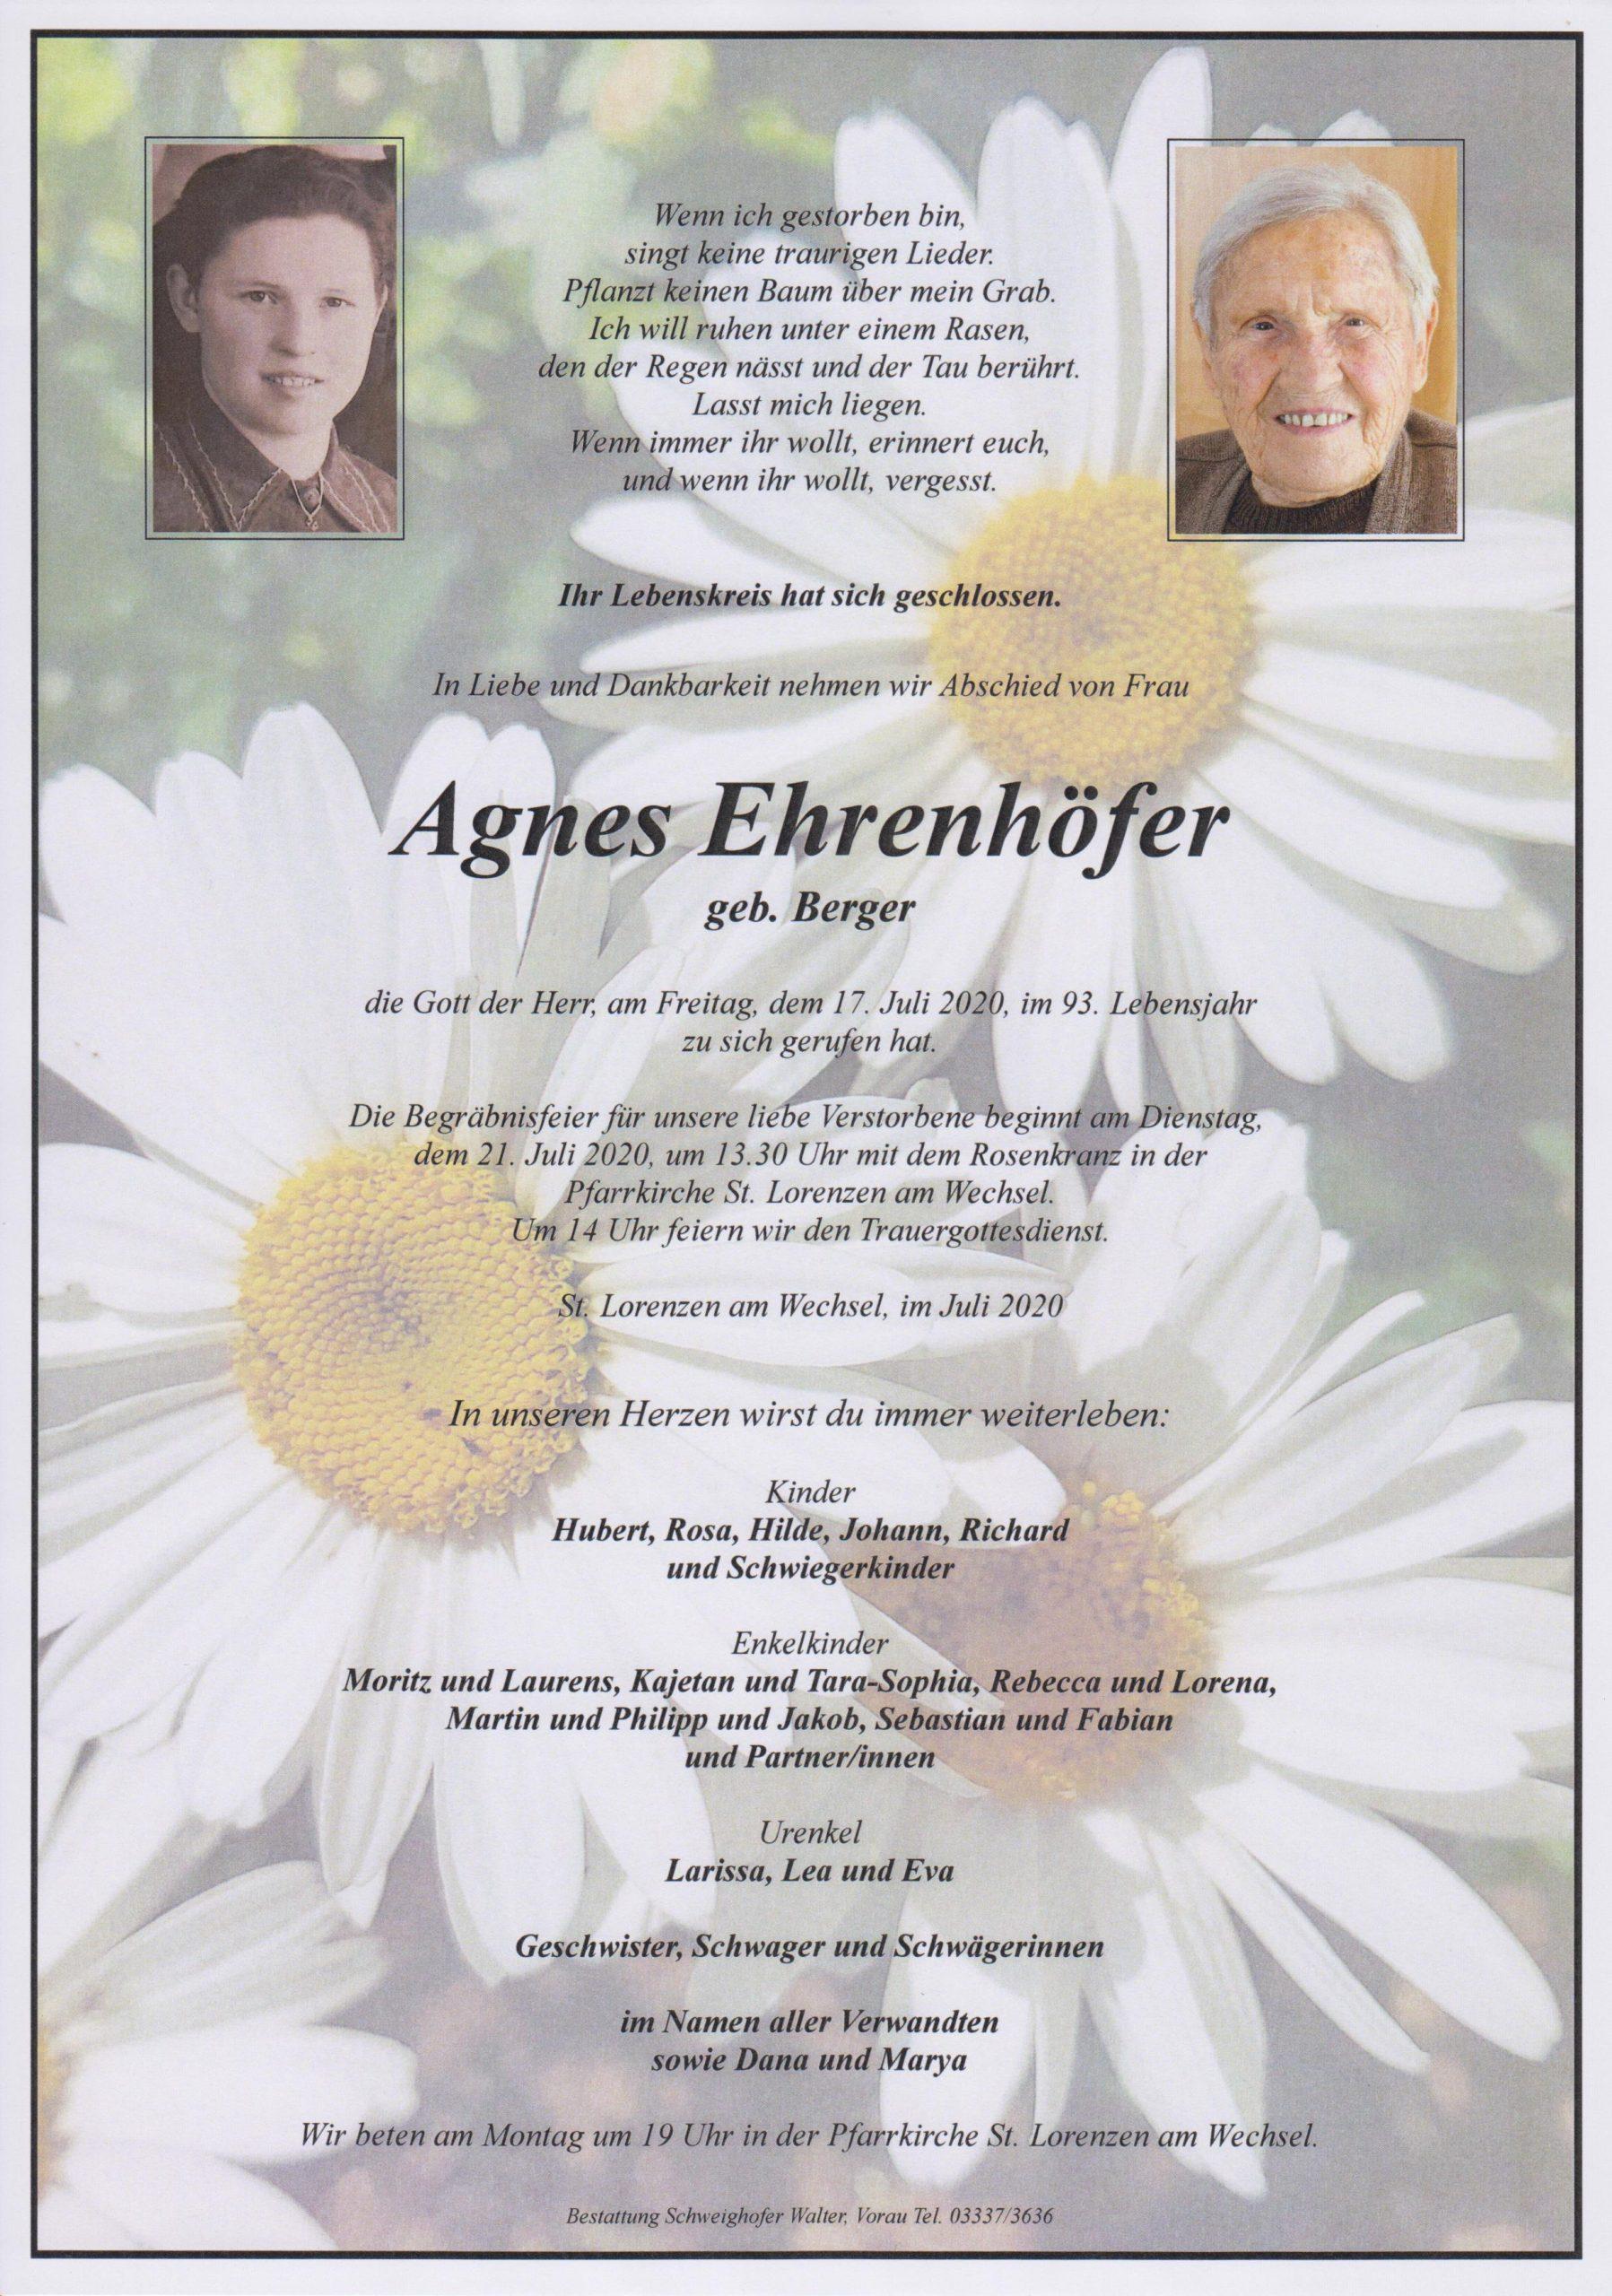 Agnes Ehrenhöfer